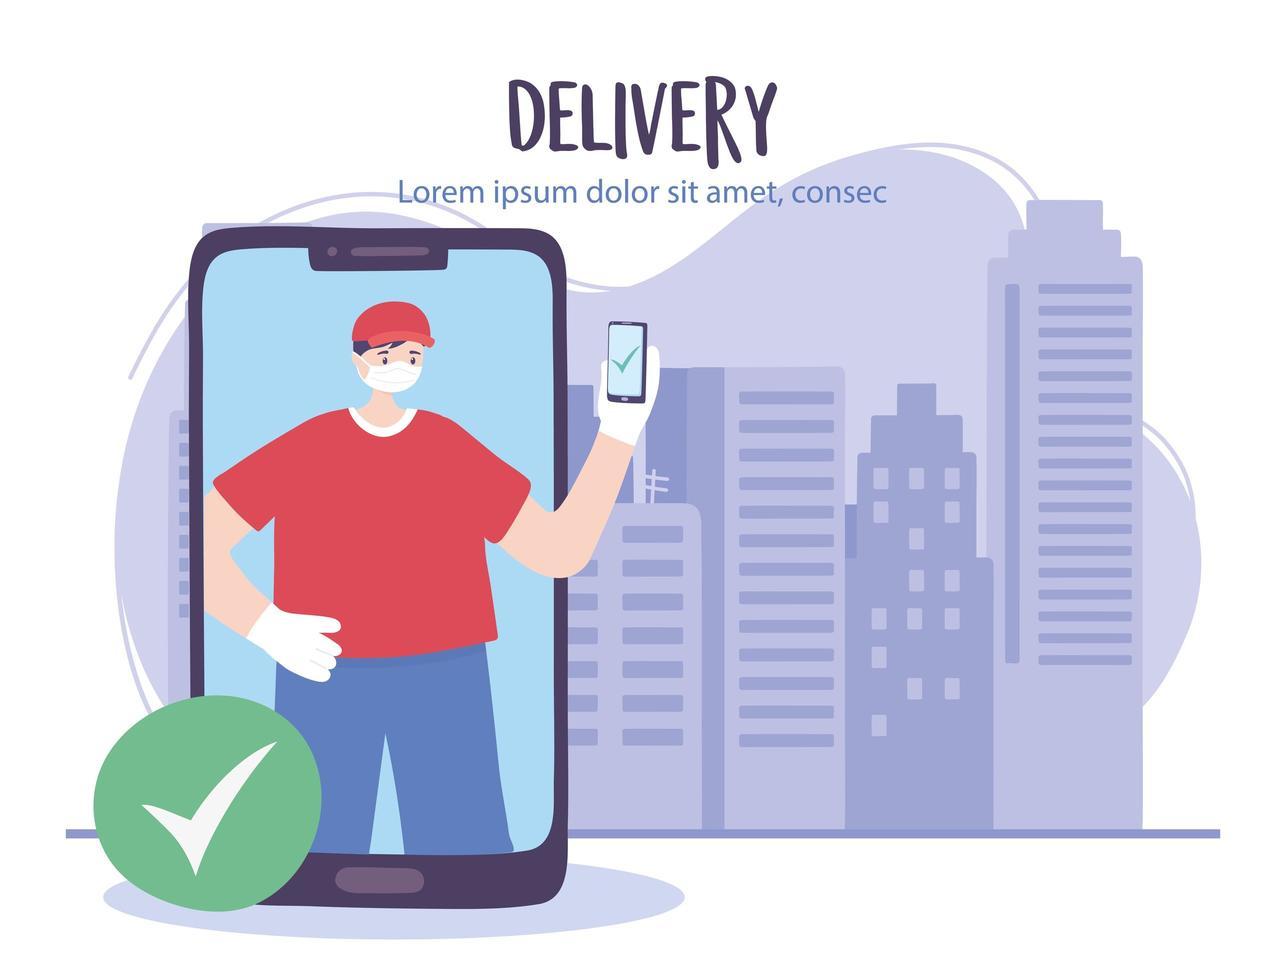 servizio di consegna online con corriere uomo e smartphone vettore